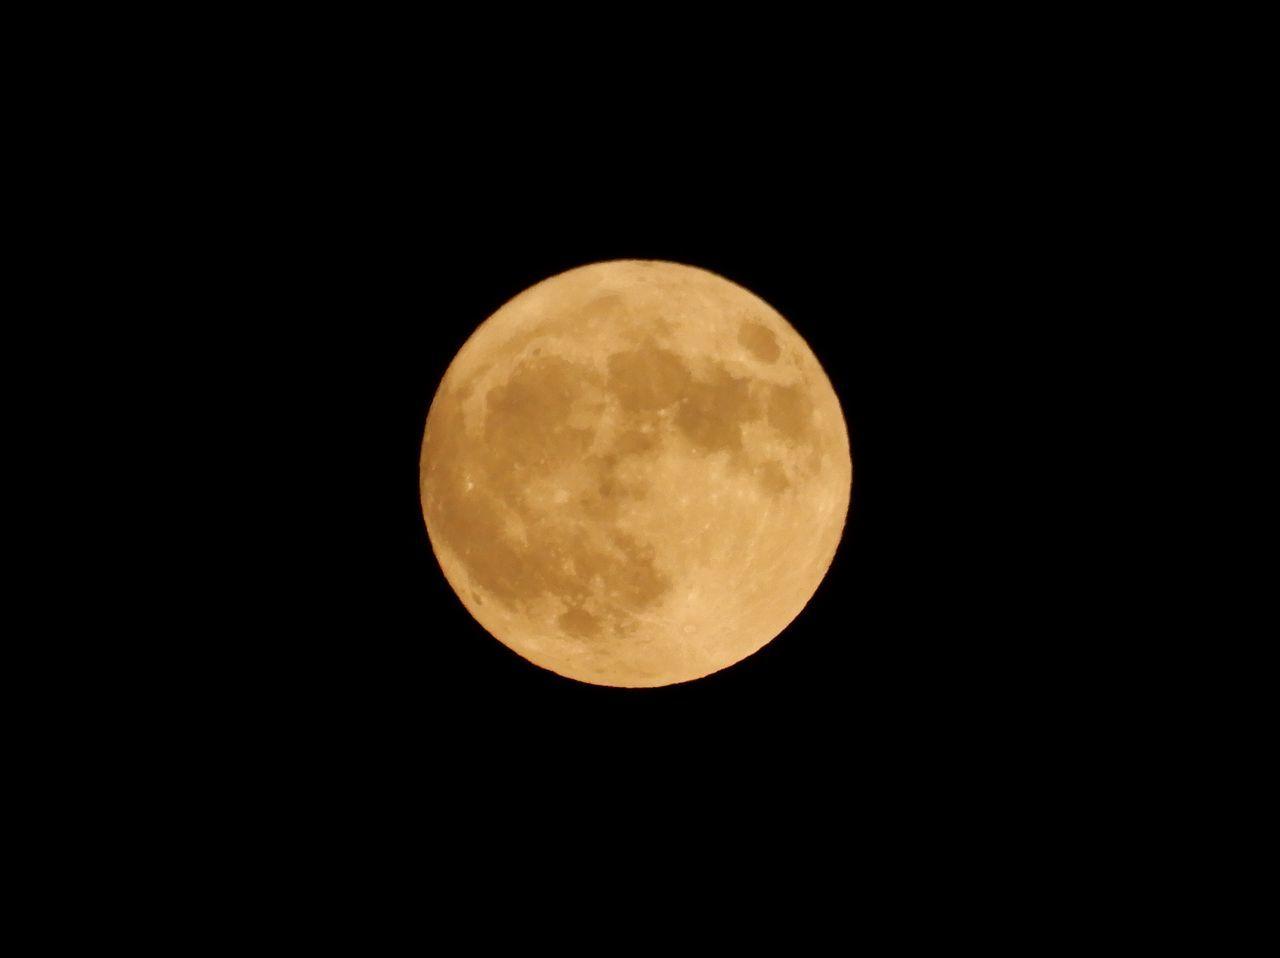 ハロウィーン、満月、ブルームーン、マイクロムーン、となりに火星_c0025115_22282976.jpg